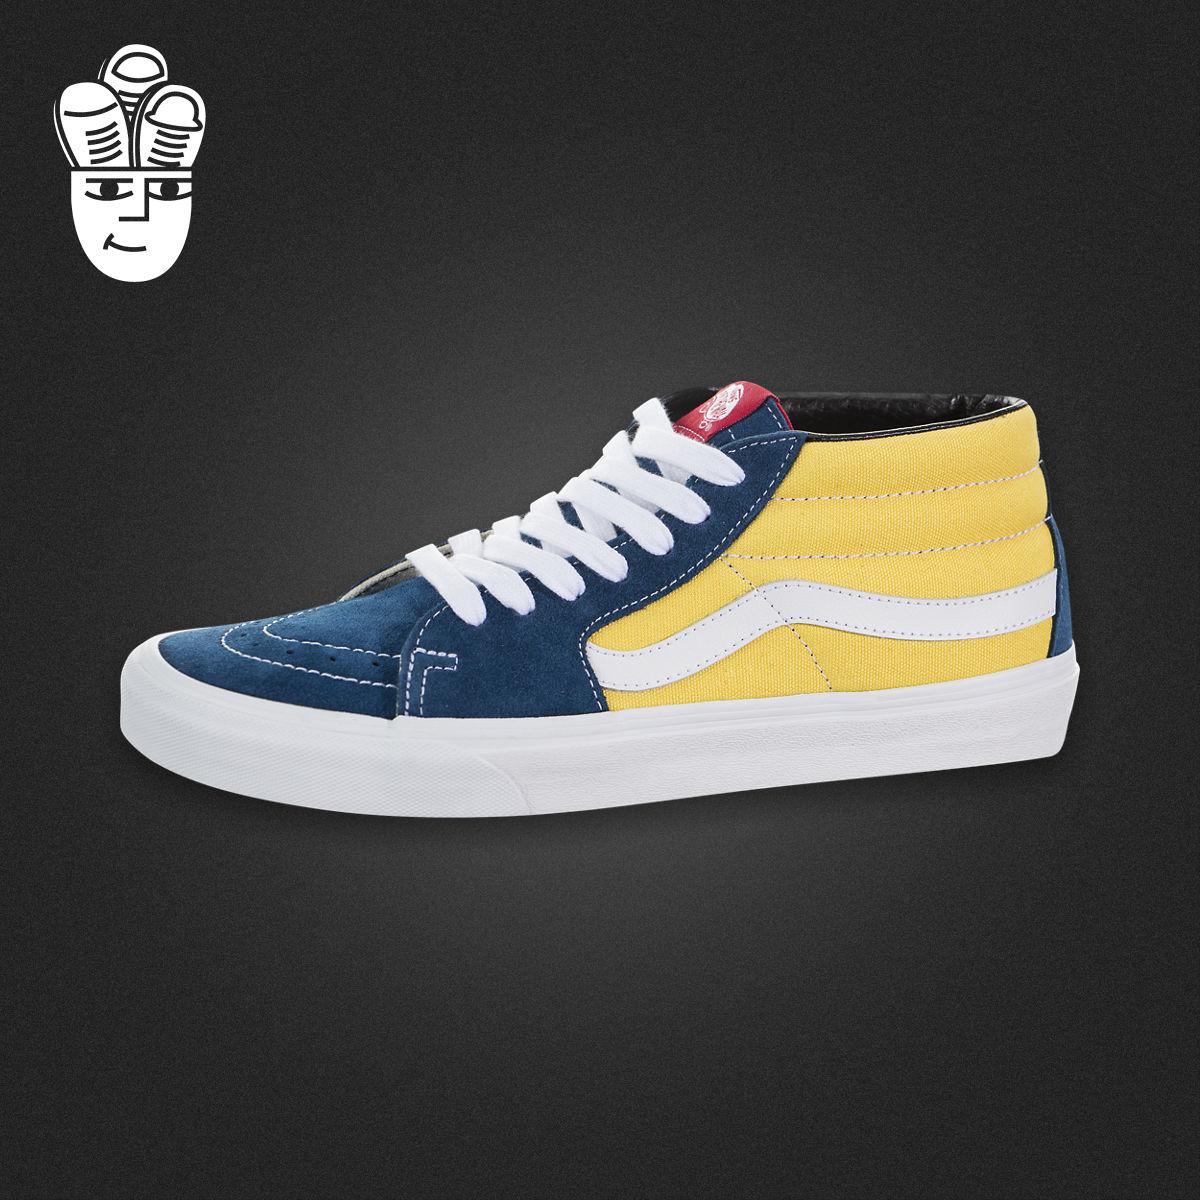 Vans Sk8-Mid 范斯男鞋女鞋情侣款 中帮复古滑板鞋 经典休闲板鞋